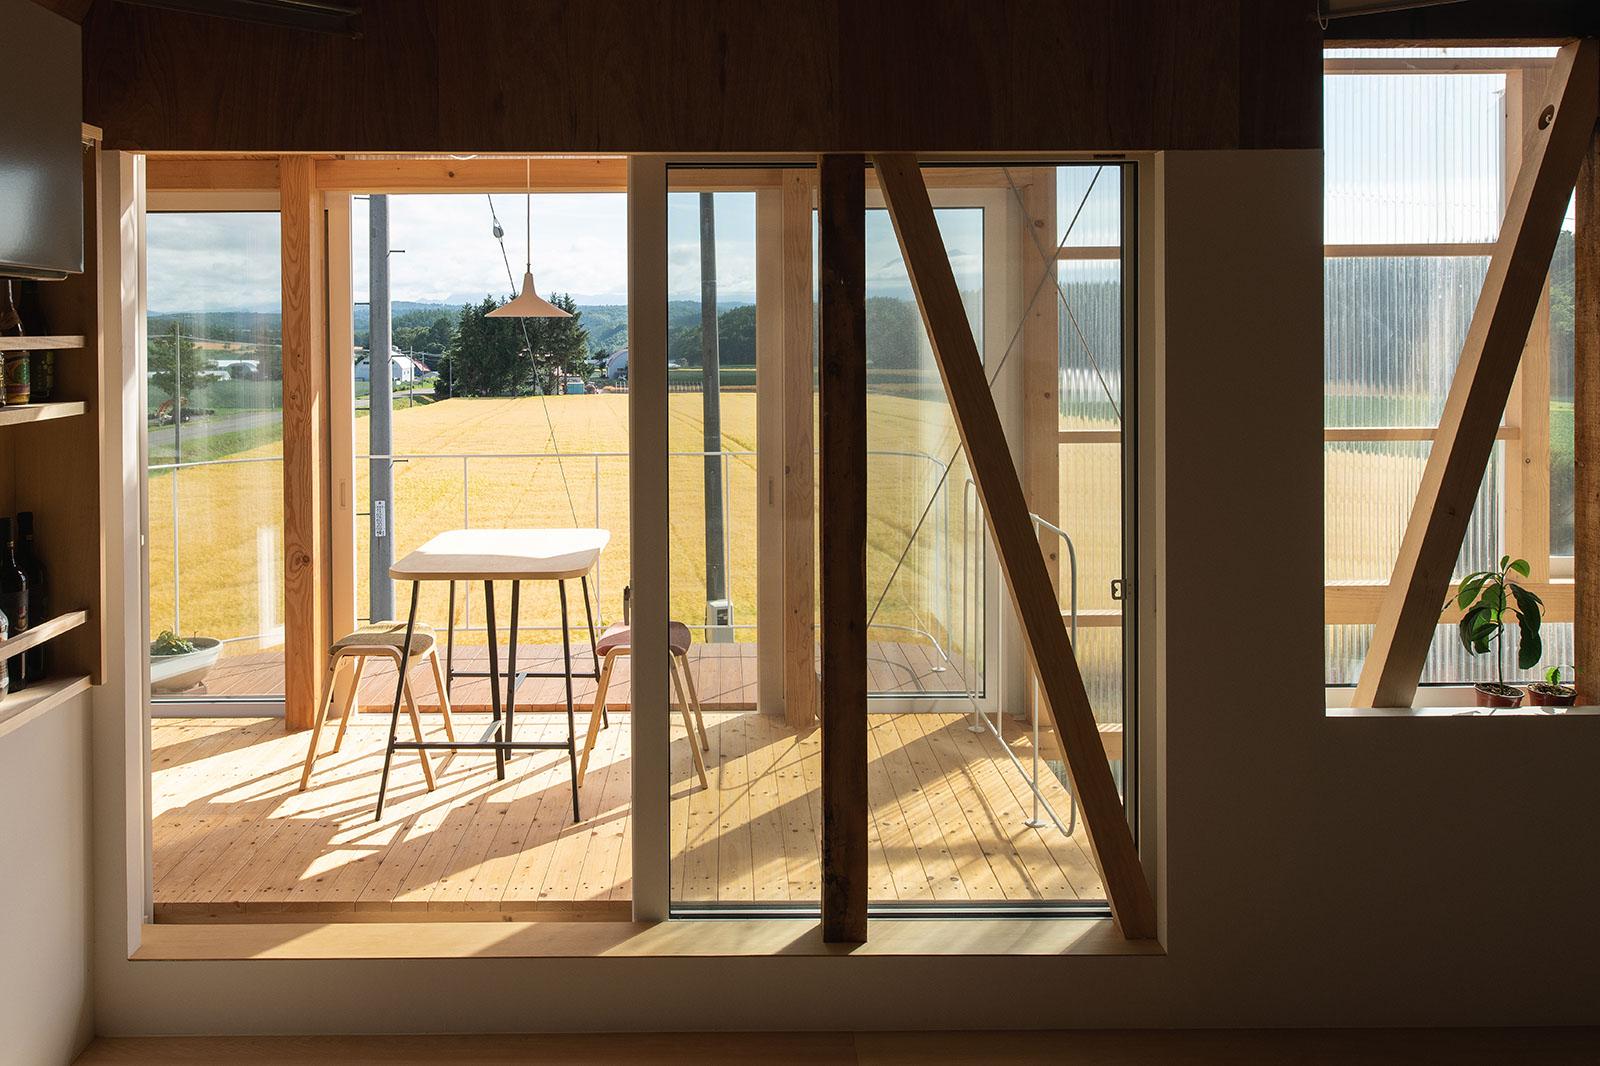 ダイニングの外には、半屋外テラスが。大窓の開閉で室内の温熱環境がコントロールできる。気候や天気が良い日は、朝食や晩酌を楽しむことも